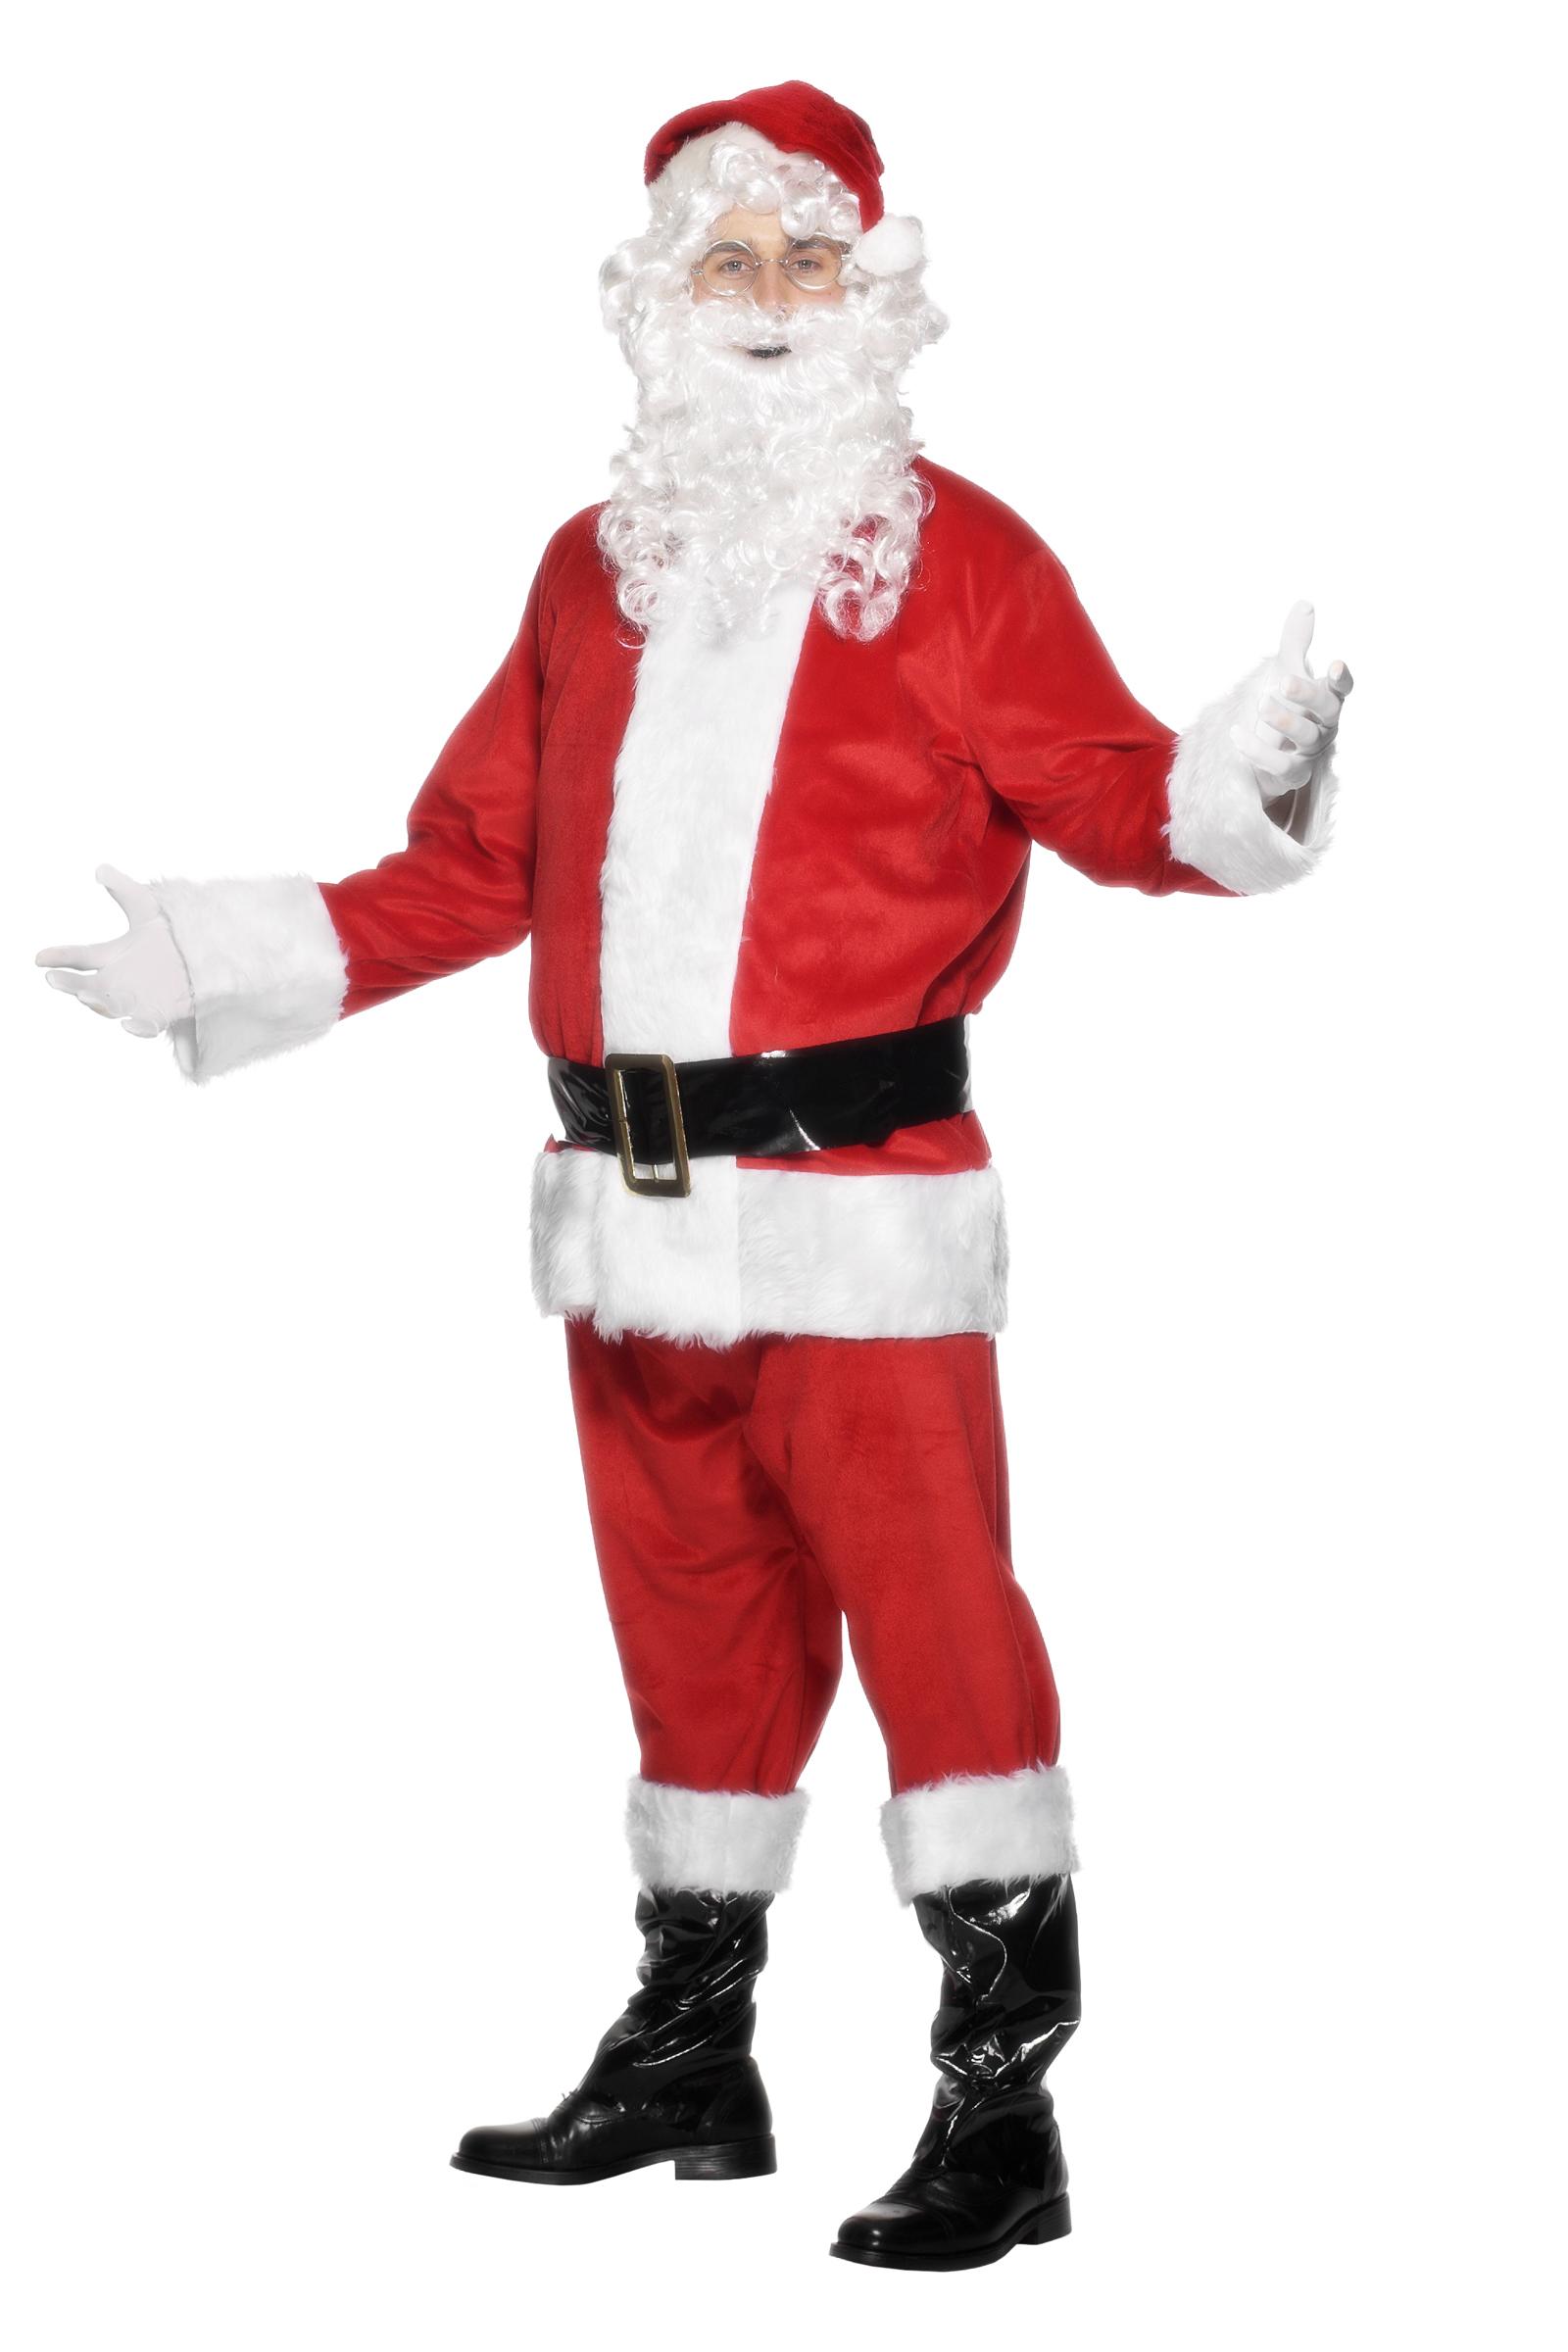 Deguisement PèRe Noel Déguisement Père Noël complet homme – Déguisements cadeaux pas